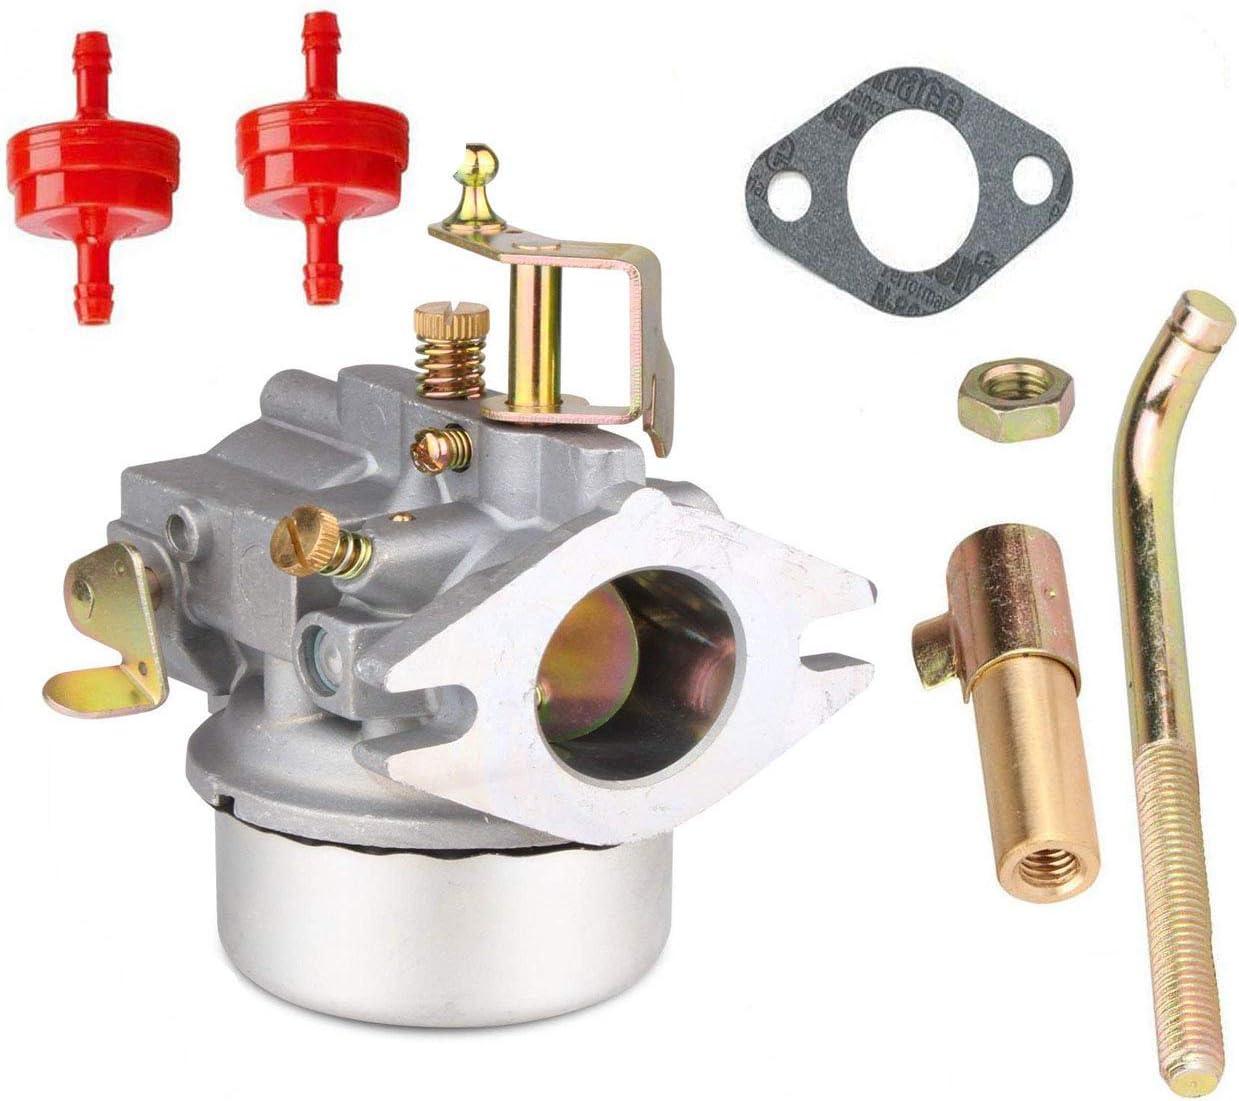 ZXZHL K341 Carburetor for Kohler K321 K341 Cast Iron 14 hp 16 hp Engine Carb